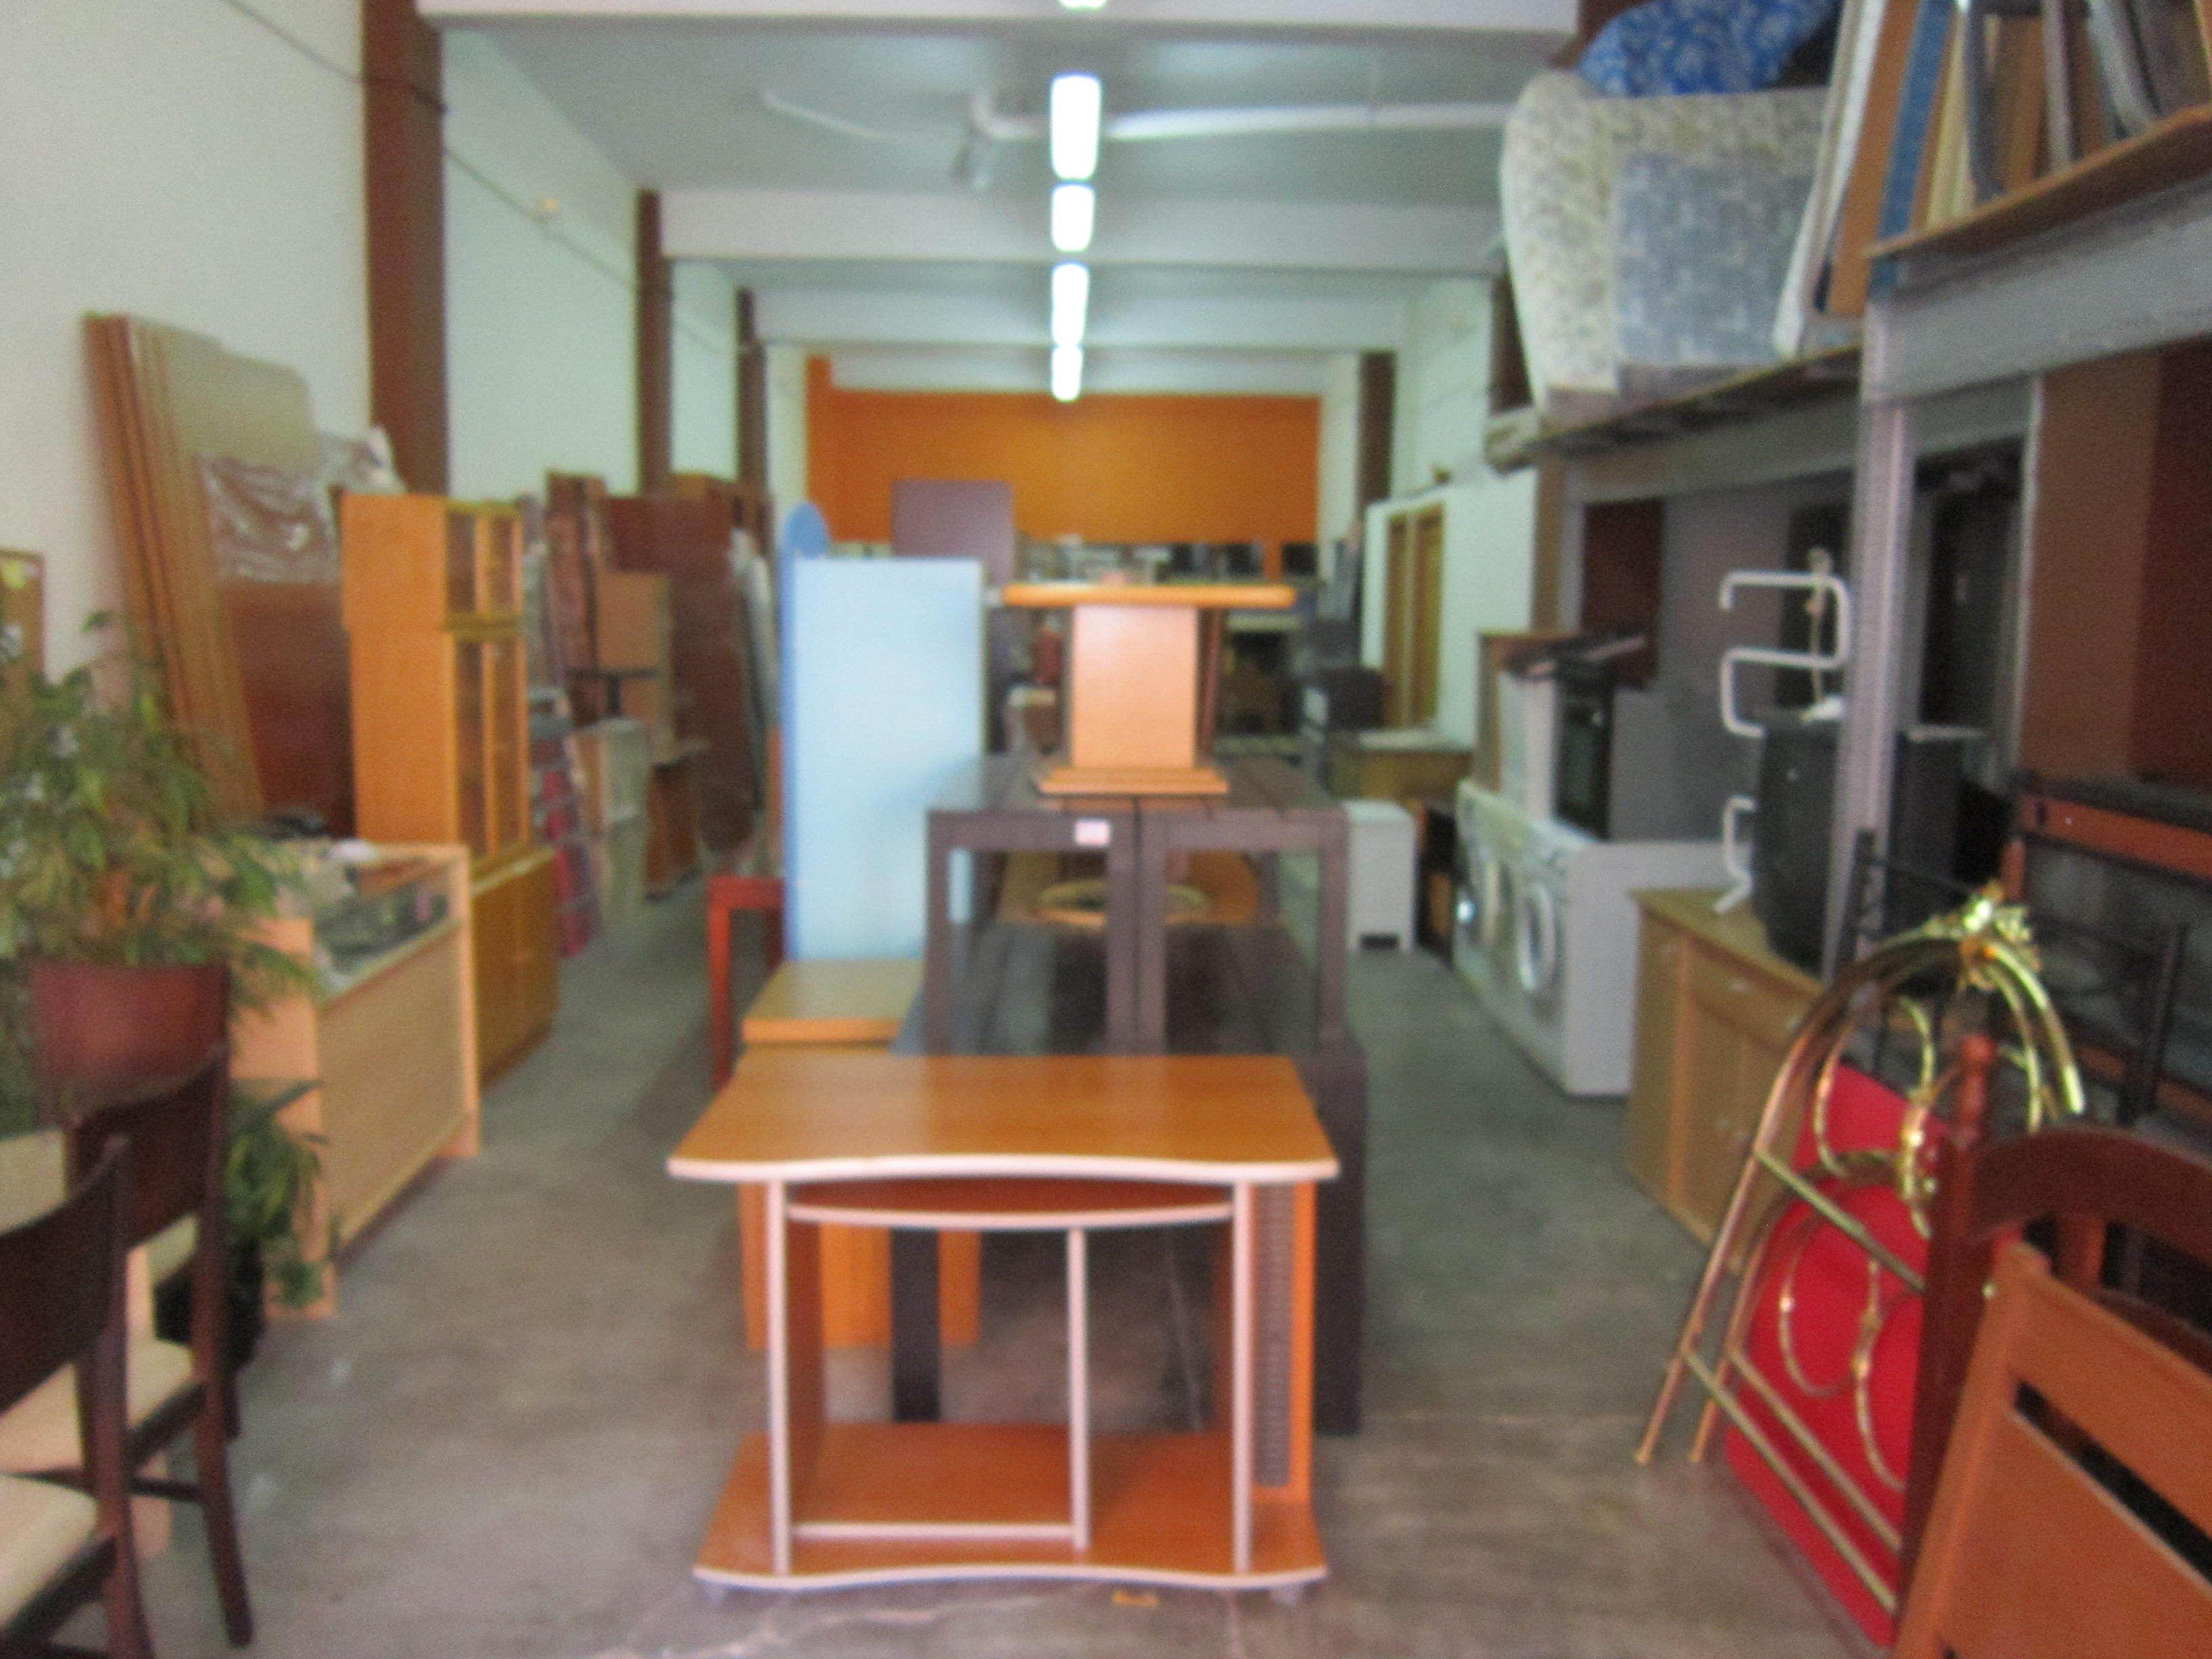 Muebles segunda mano alicante obtenga ideas dise o de for Muebles segunda mano elche